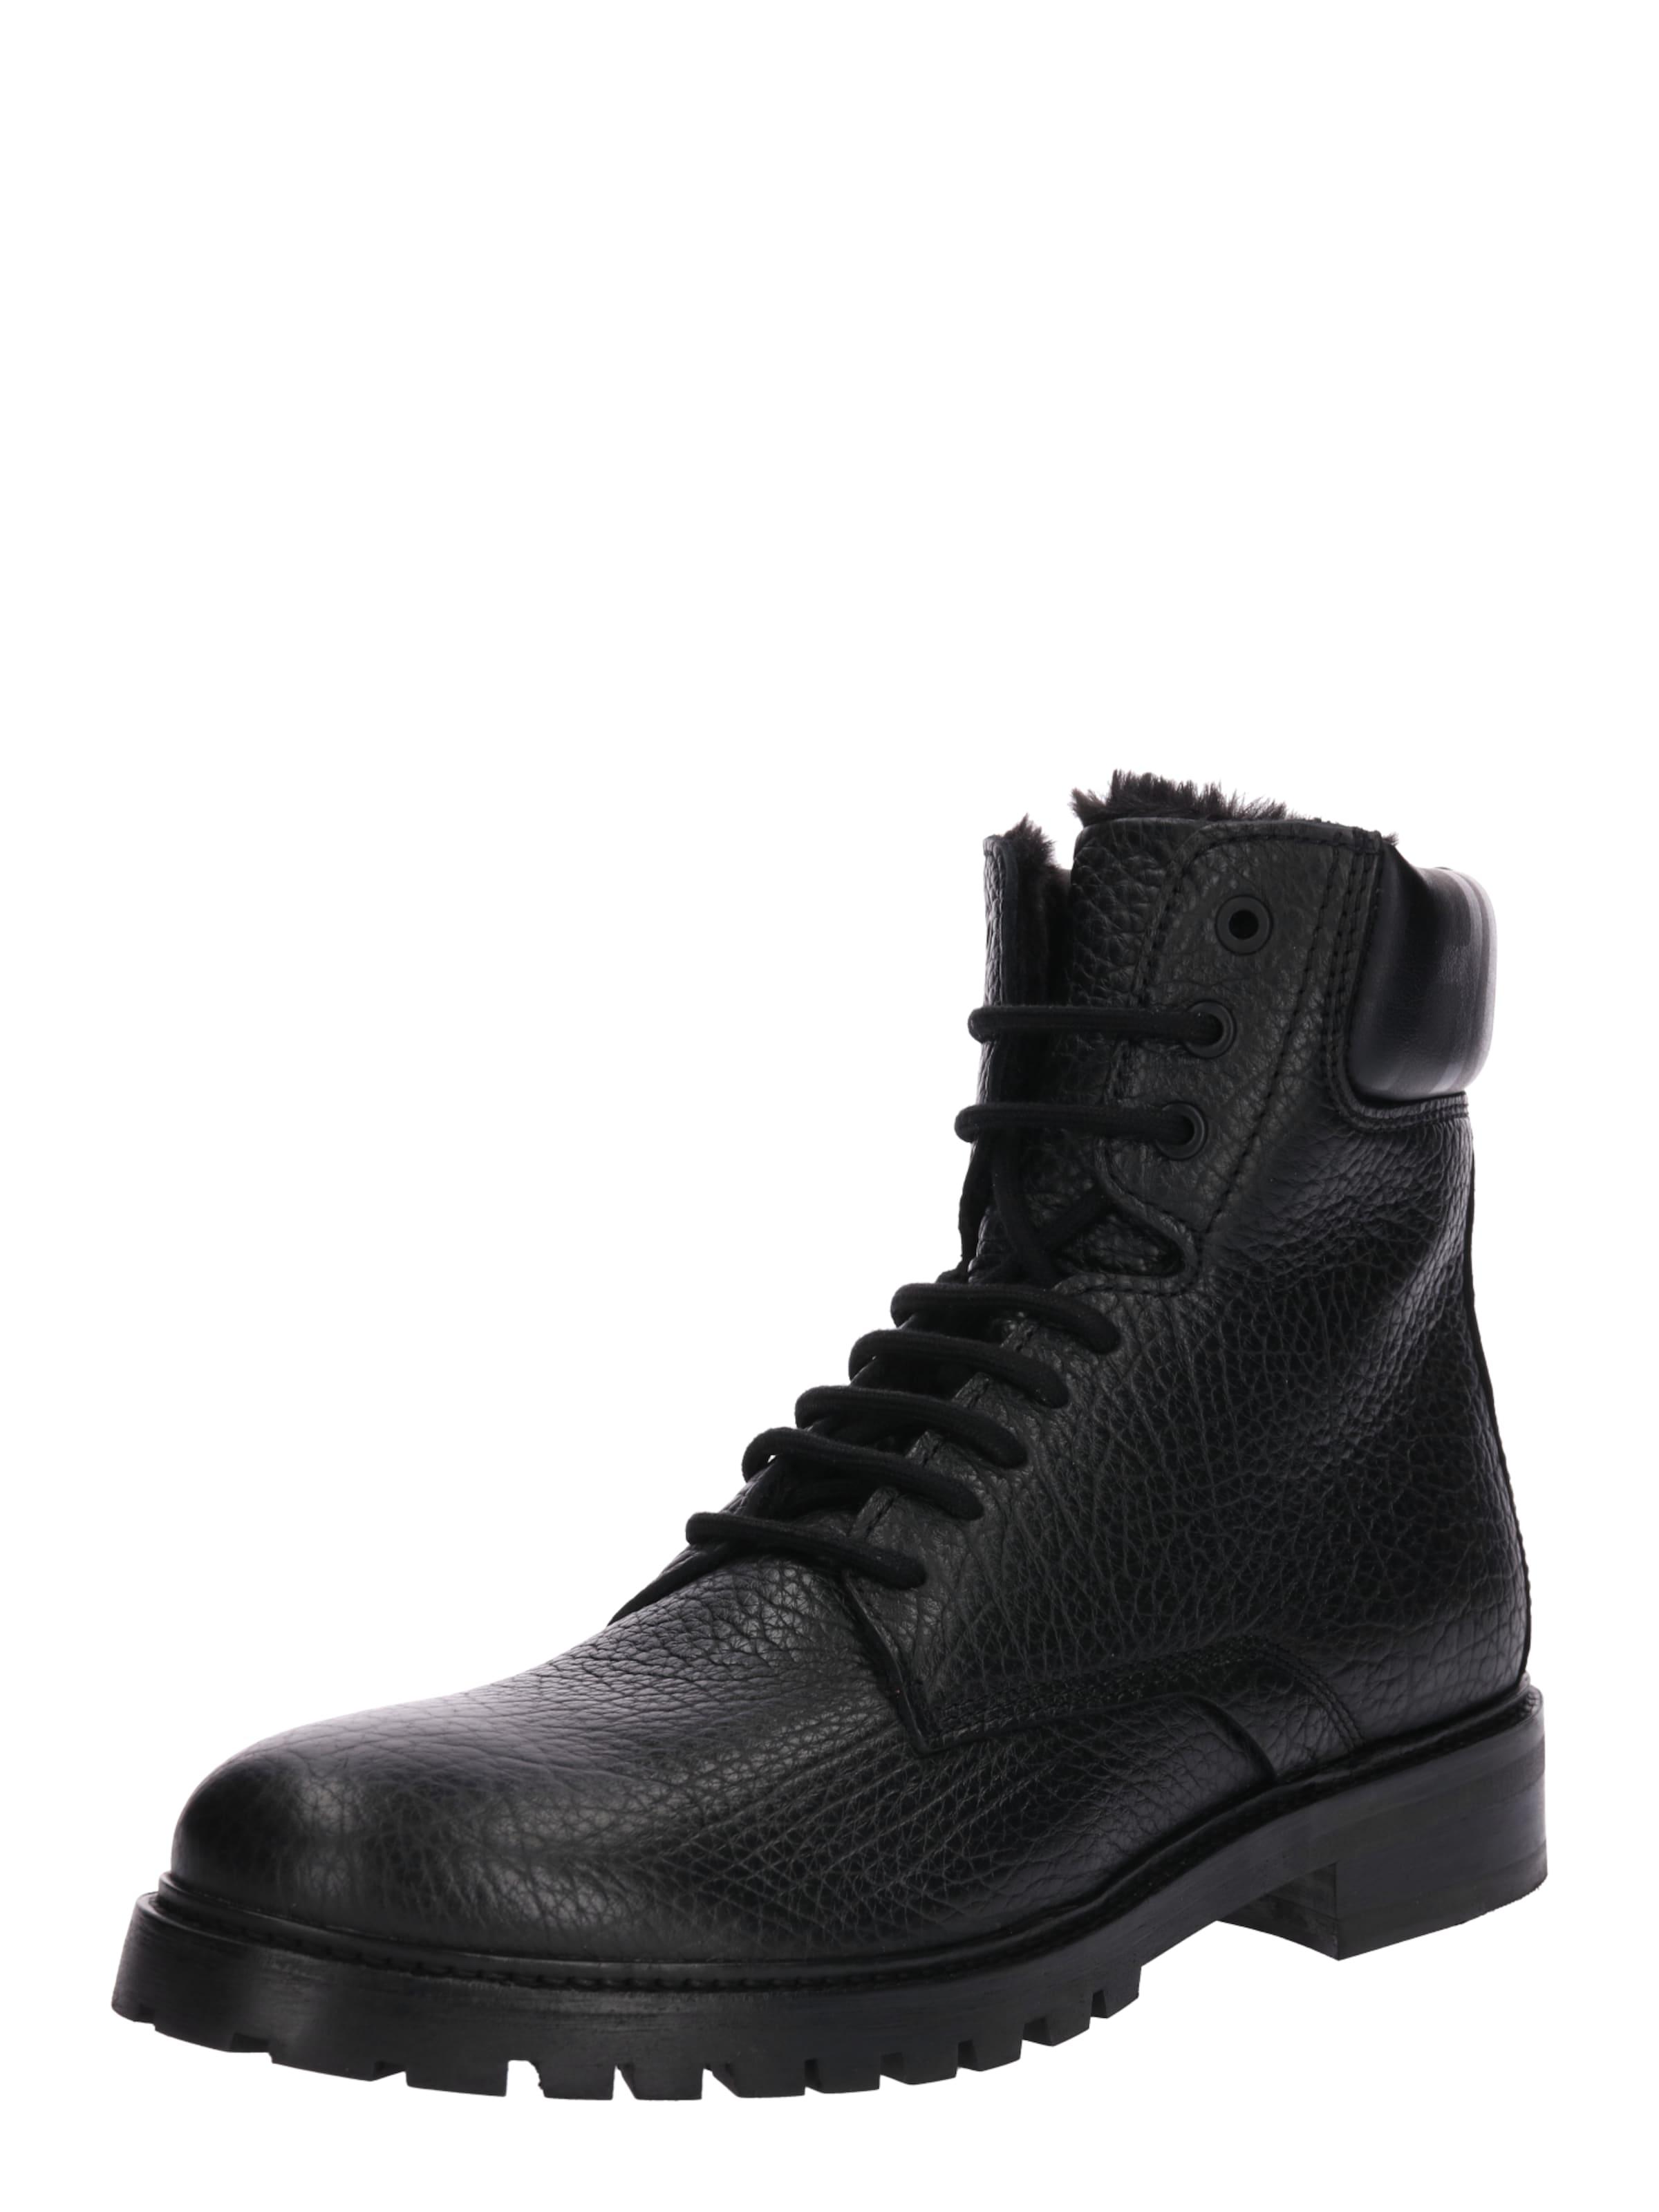 HUGO Stiefelette Explorer Verschleißfeste billige Schuhe